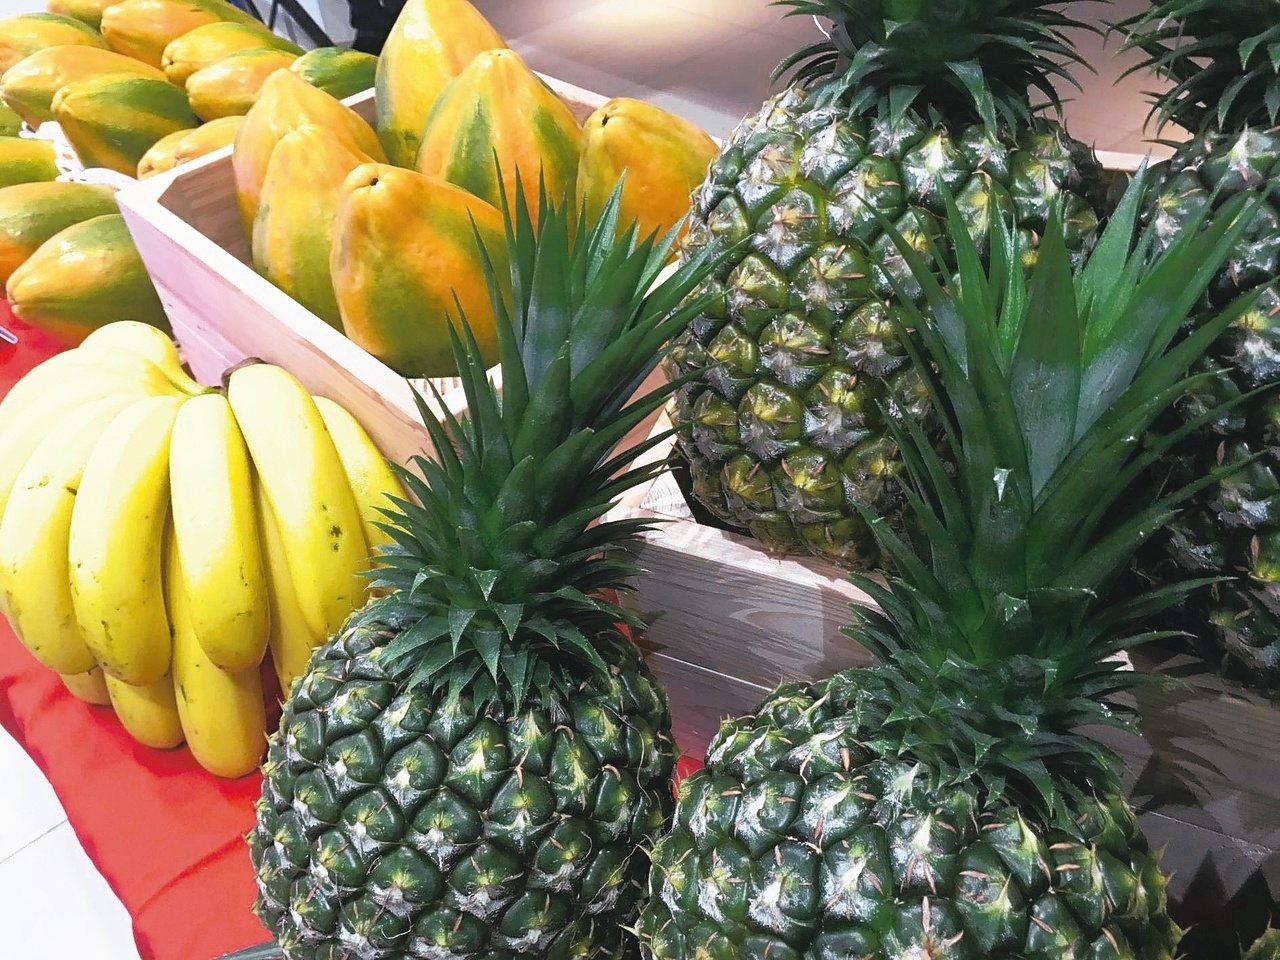 中醫認為,飯後吃下大量水果立即排便,恐不是腸胃功能變好,而是吃了過多屬性較寒的水...